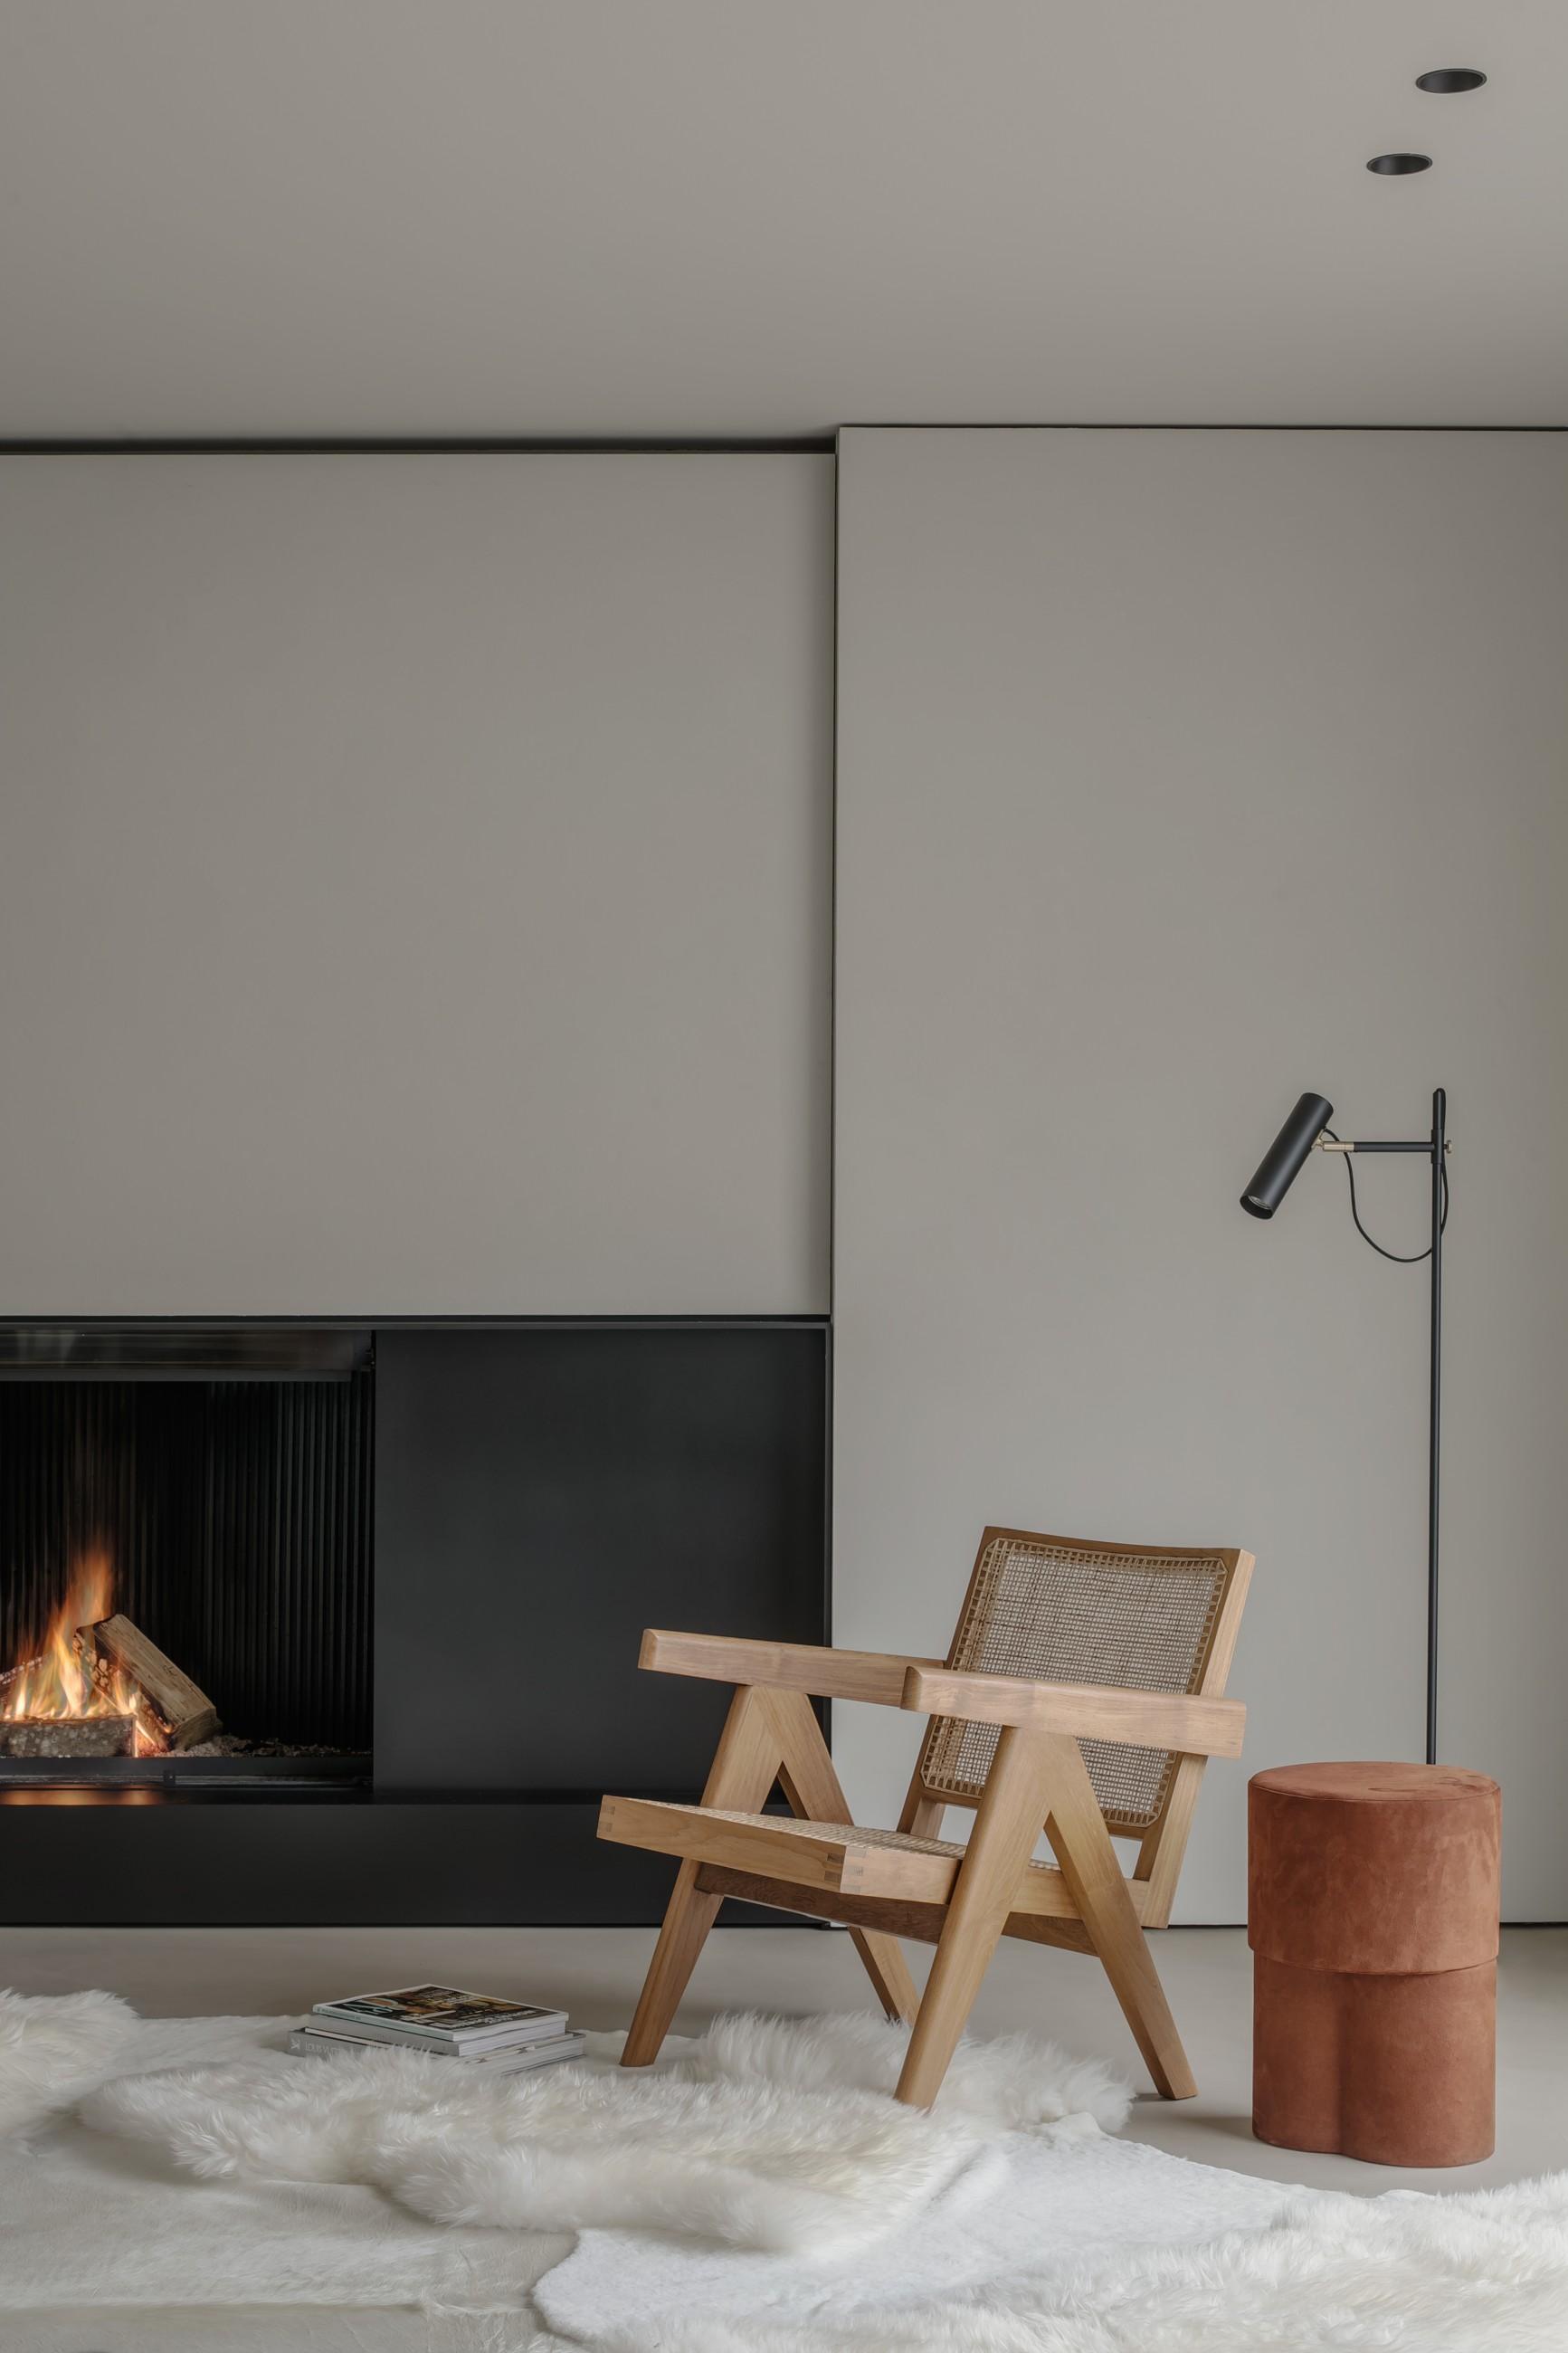 Metalfire Ultime D liftdeurhaard - Pieter Vanrenterghem